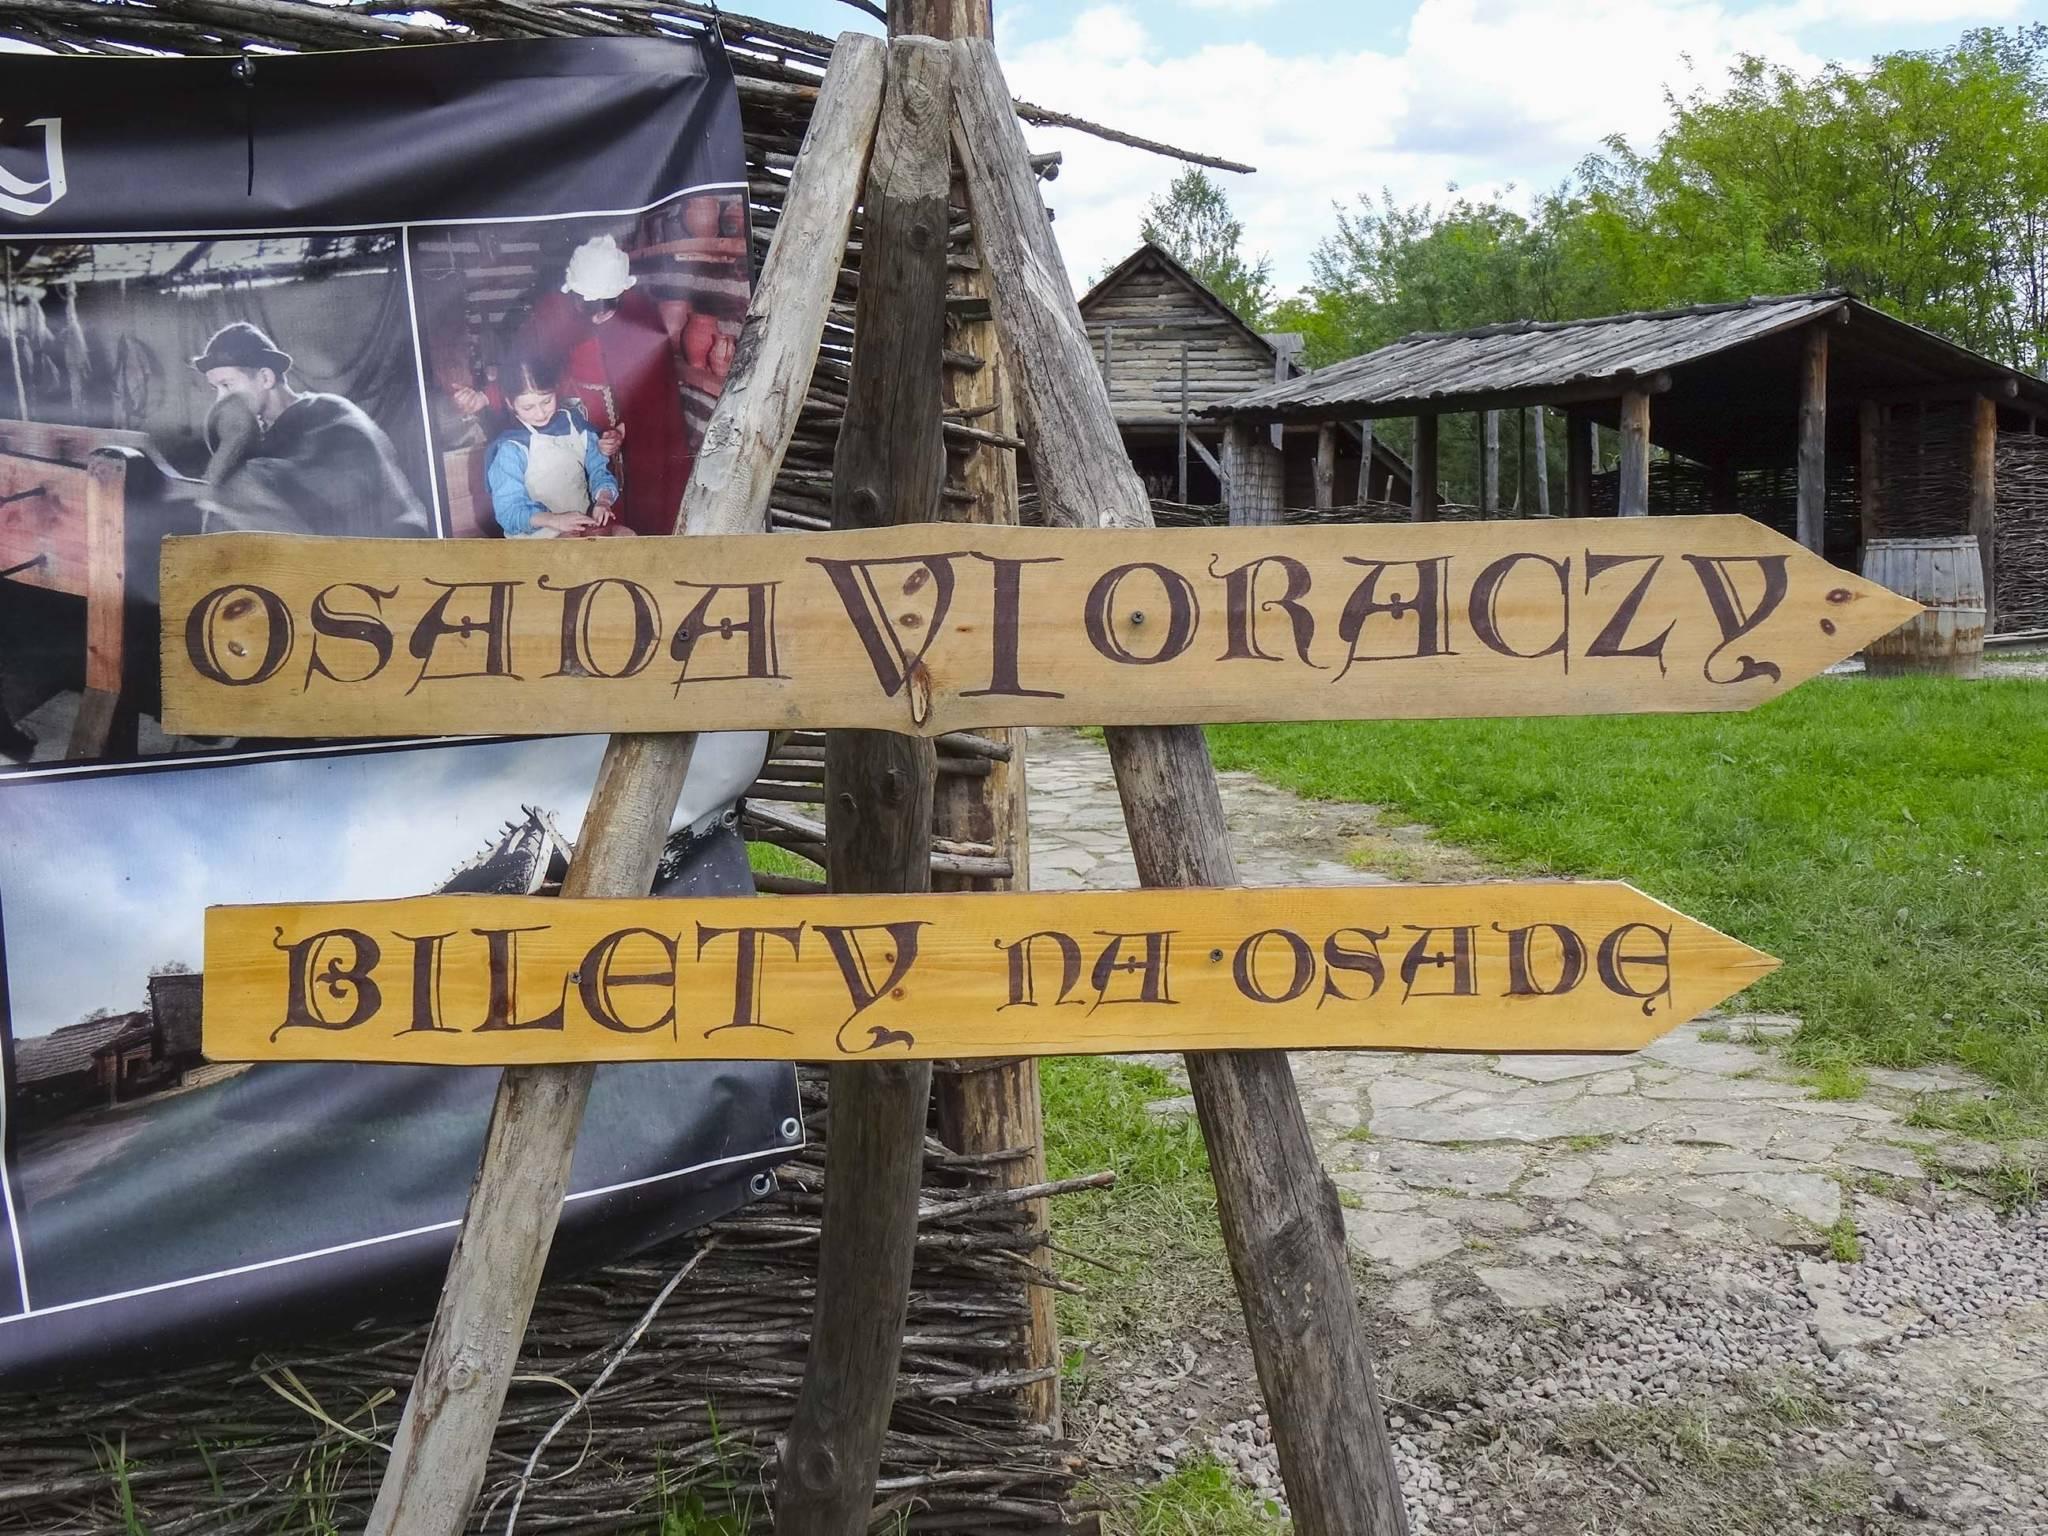 PARK ARCHEOLOGICZNY OSADA VI ORACZY-1